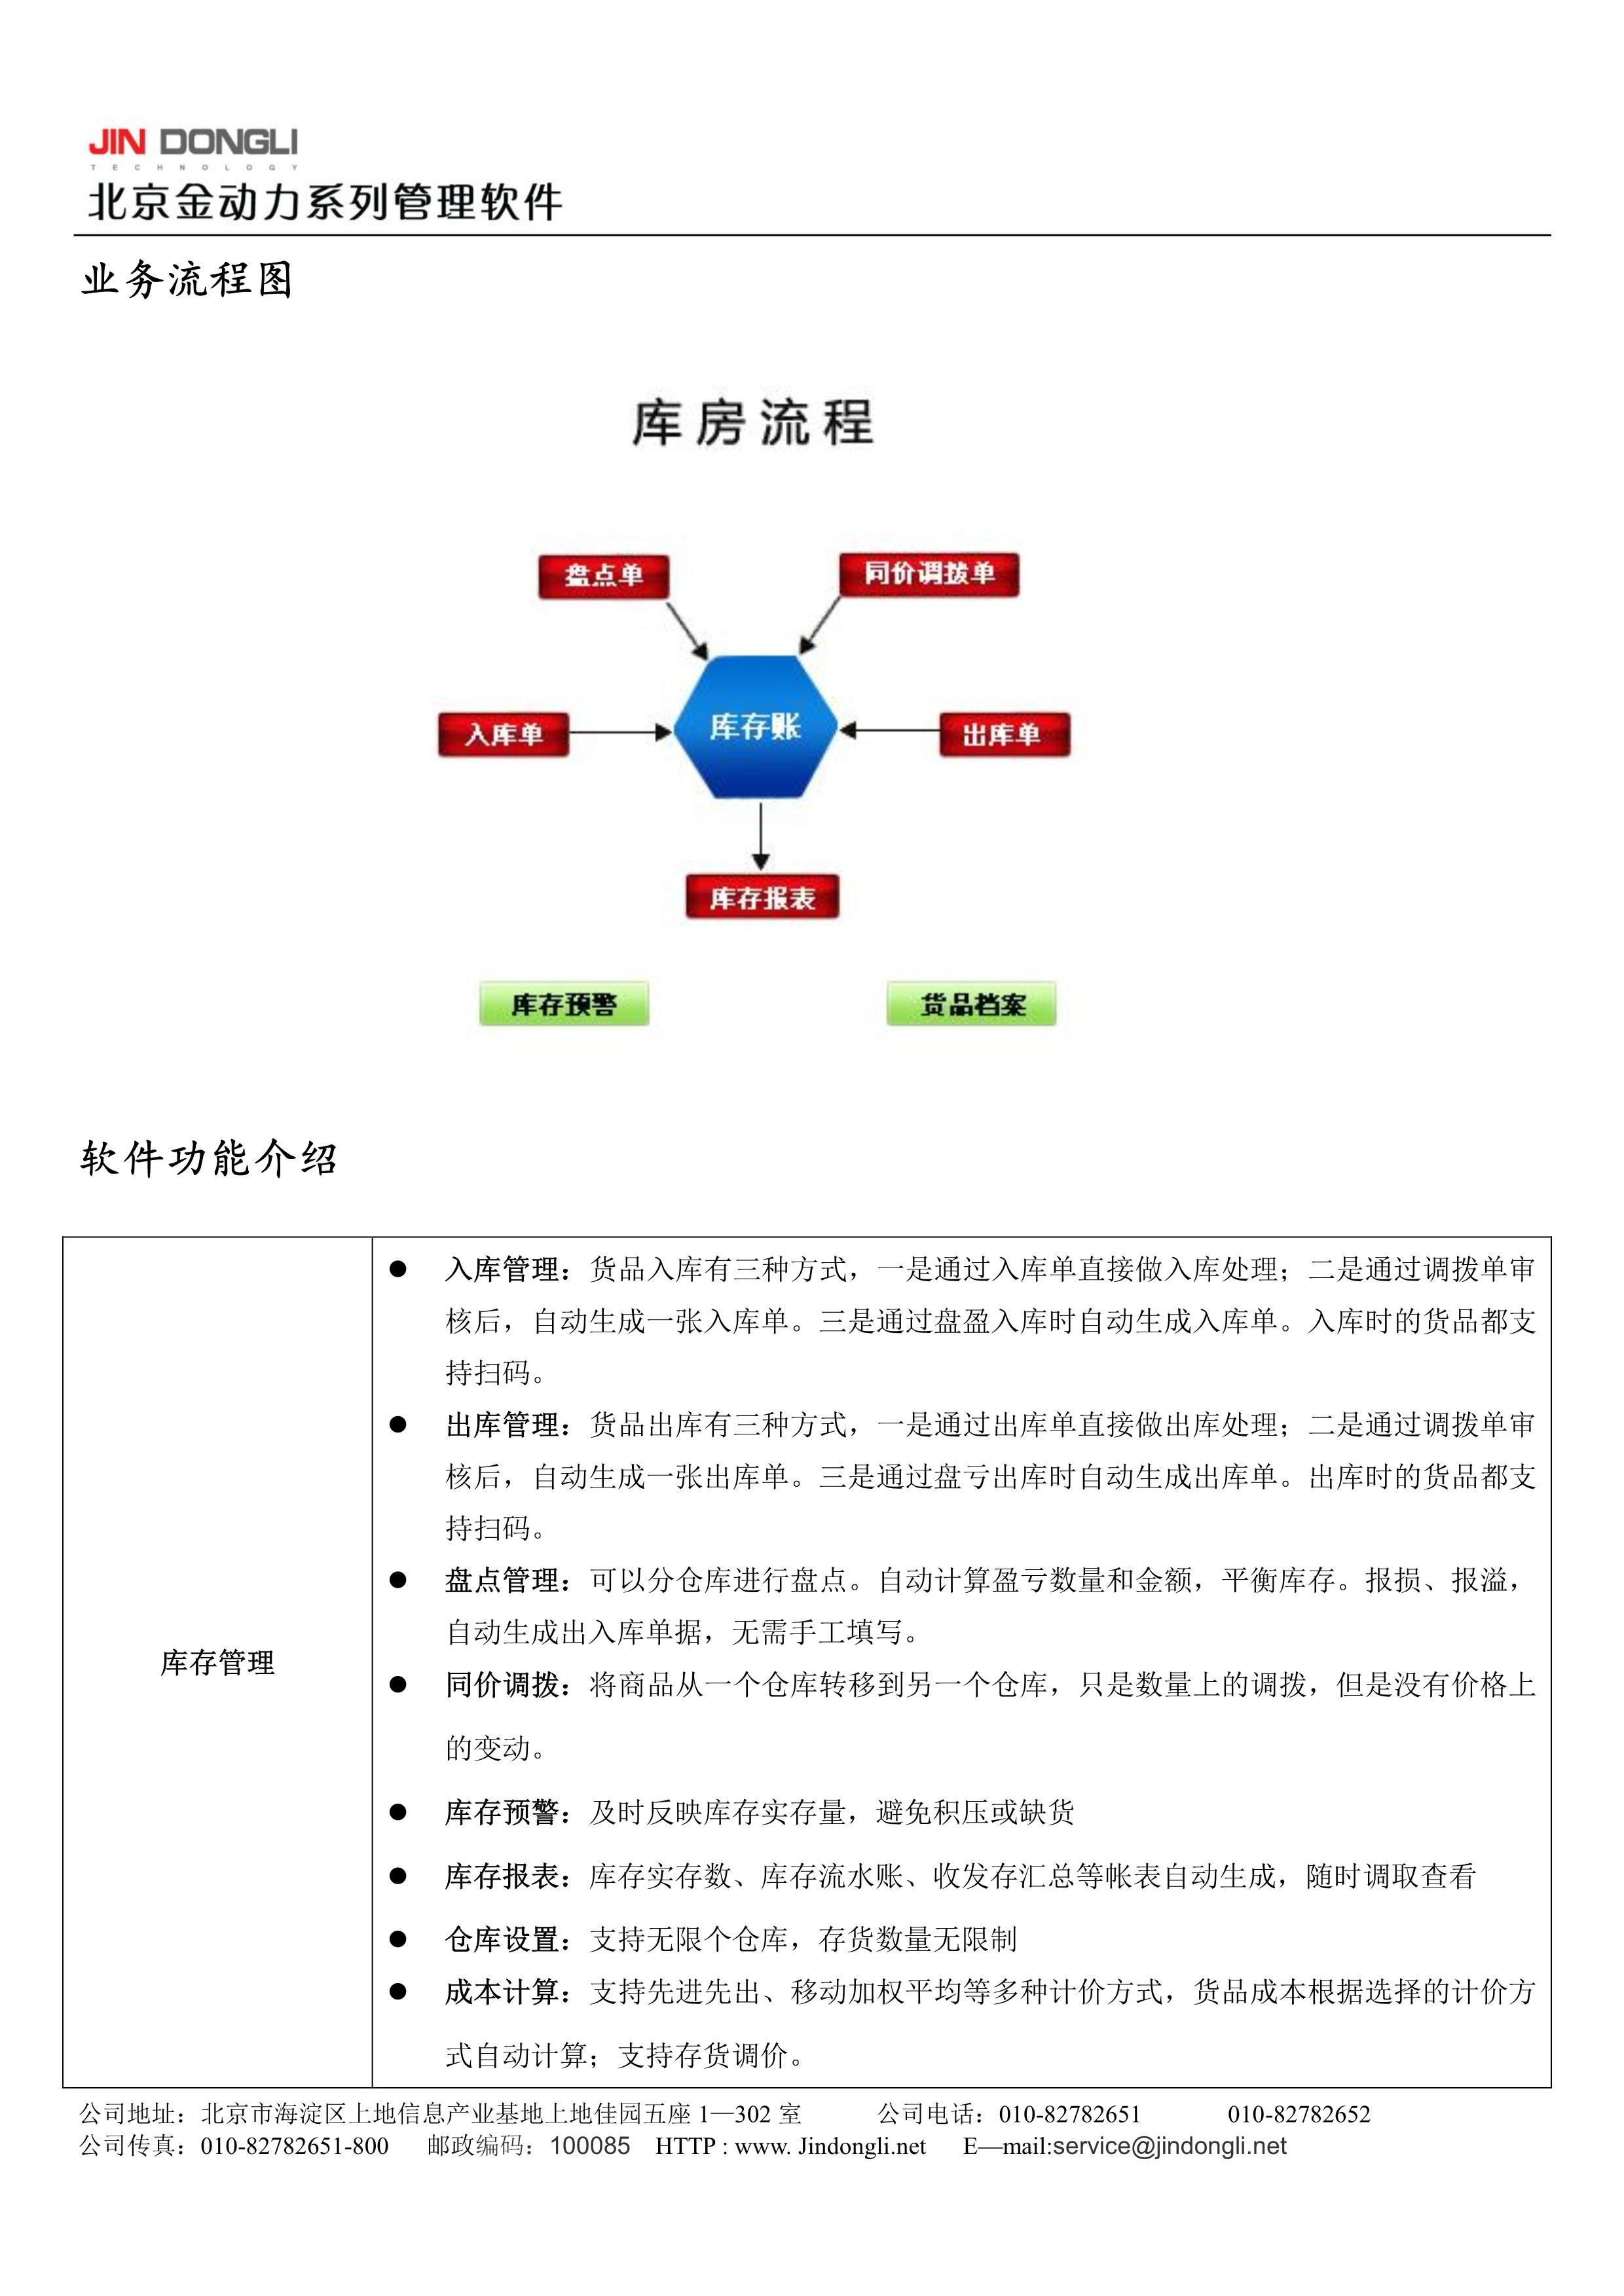 012508375695_0金动力库存管理软件产品介绍标准版_2.jpg